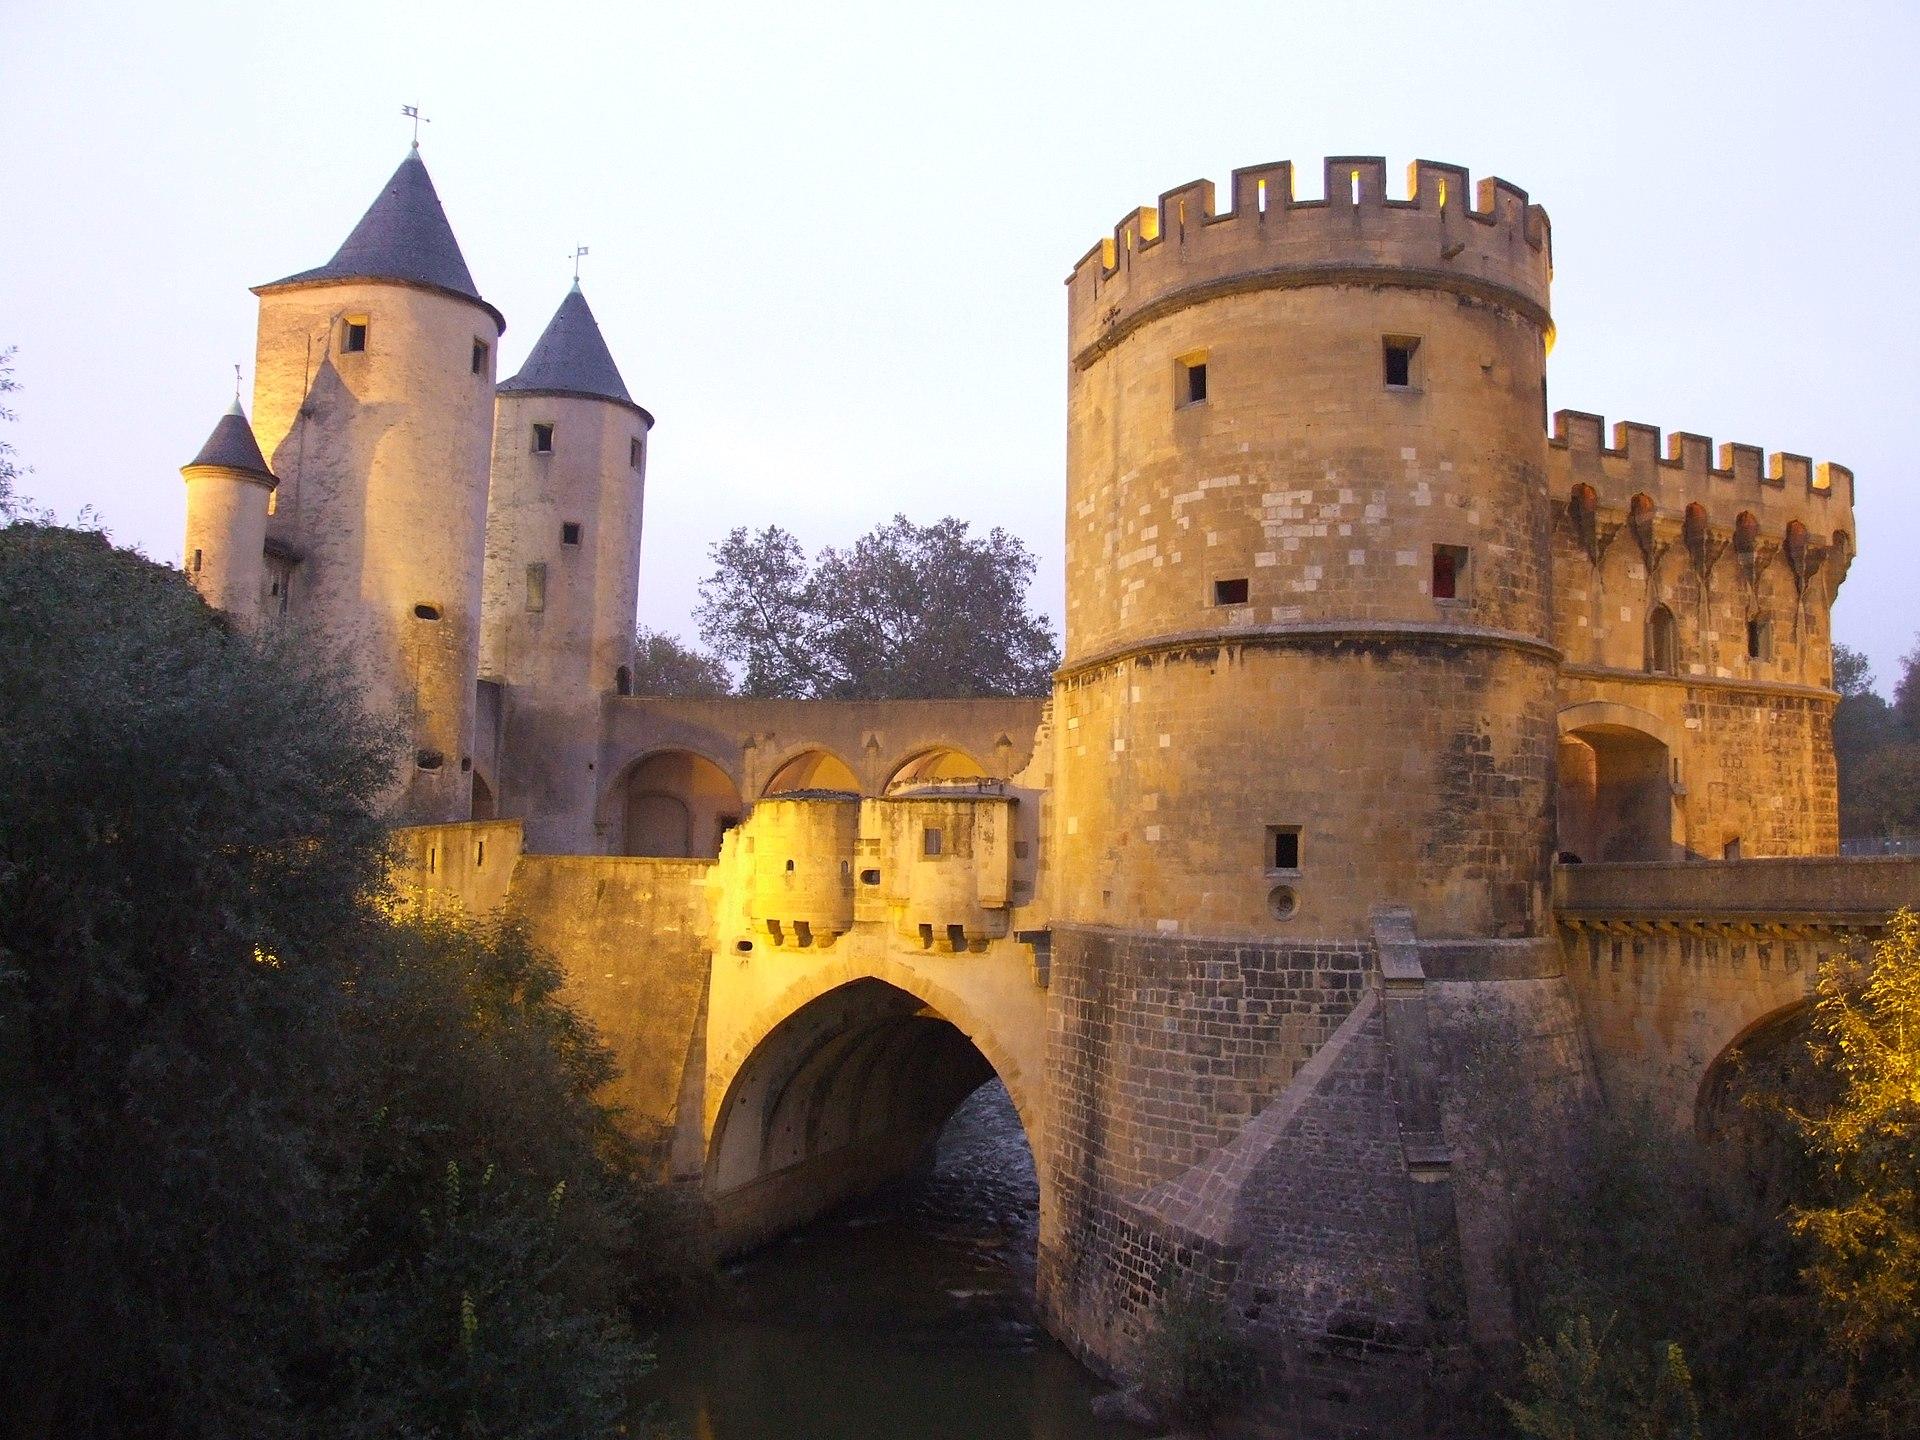 Germans' Gate, A Bridge Castle